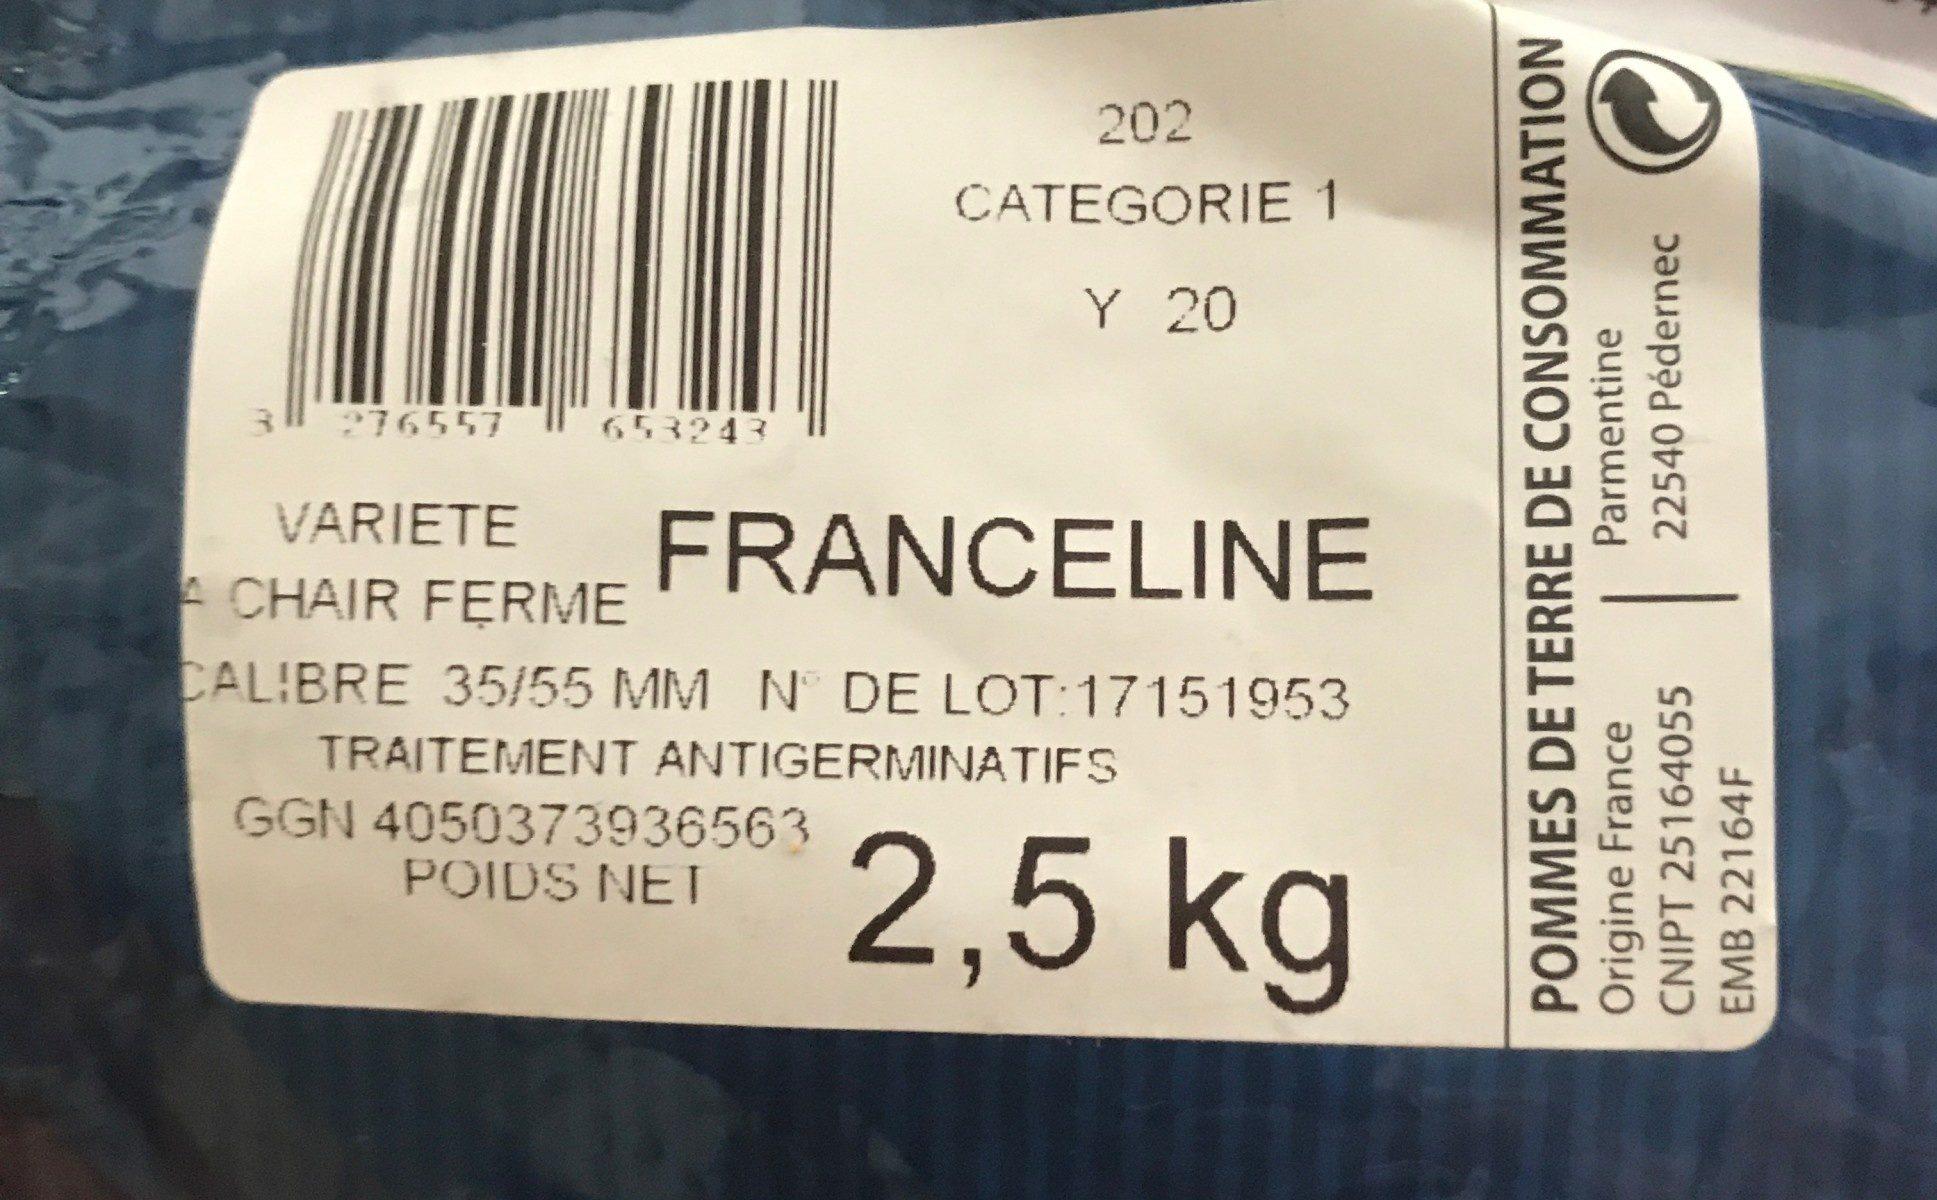 Pommes de terre rouges vapeur gratin rissolees - Ingrédients - fr